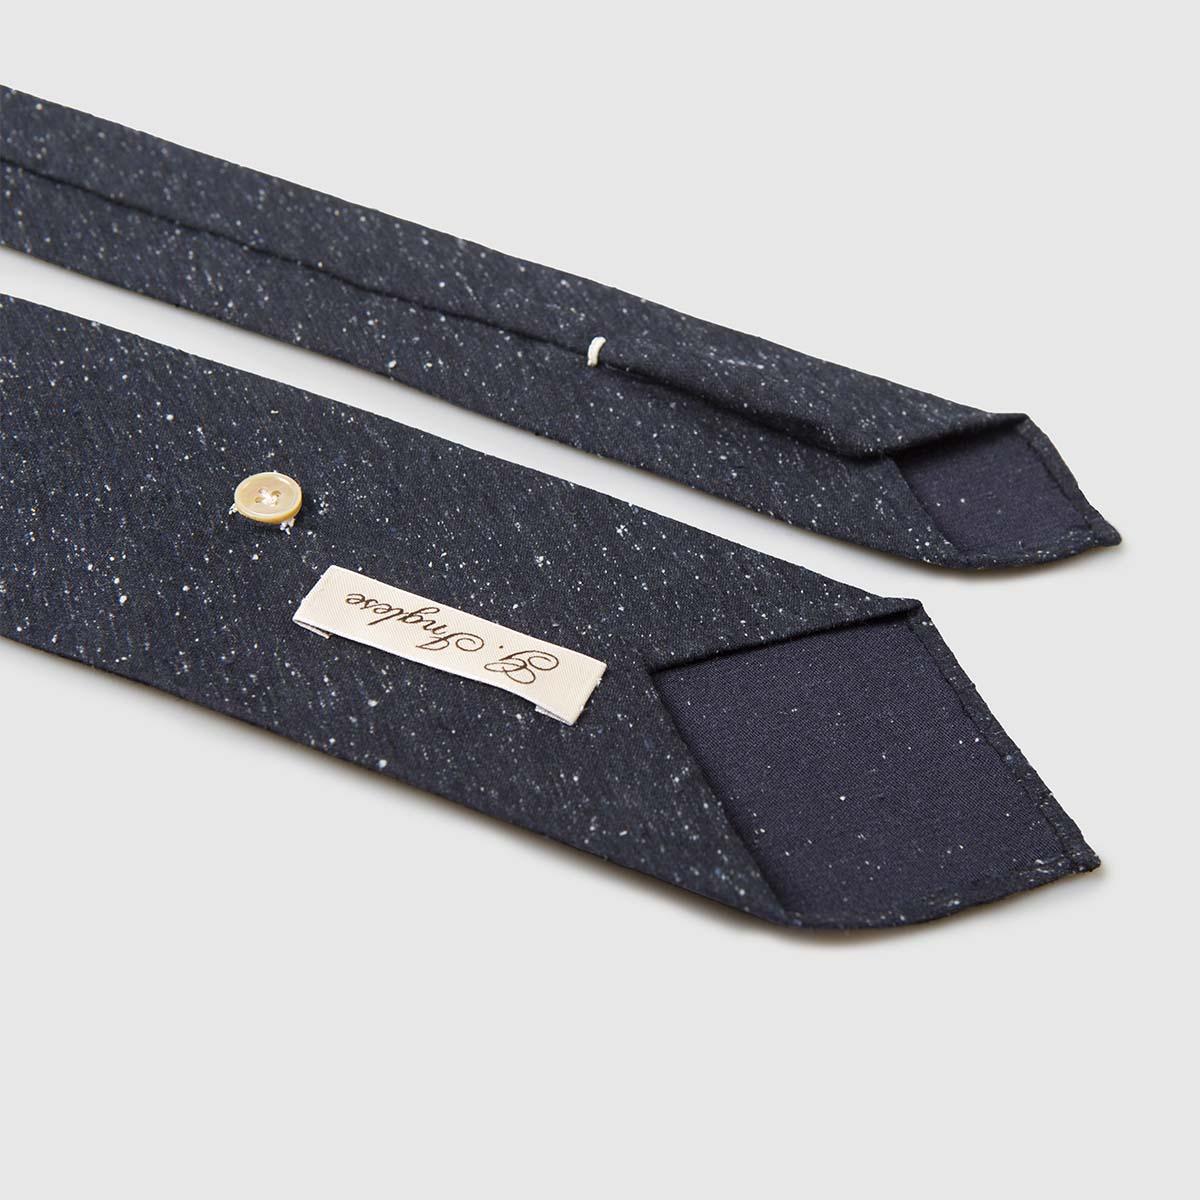 Cravatta rifinita a mano in pregiato Shantung di Seta blu G.inglese